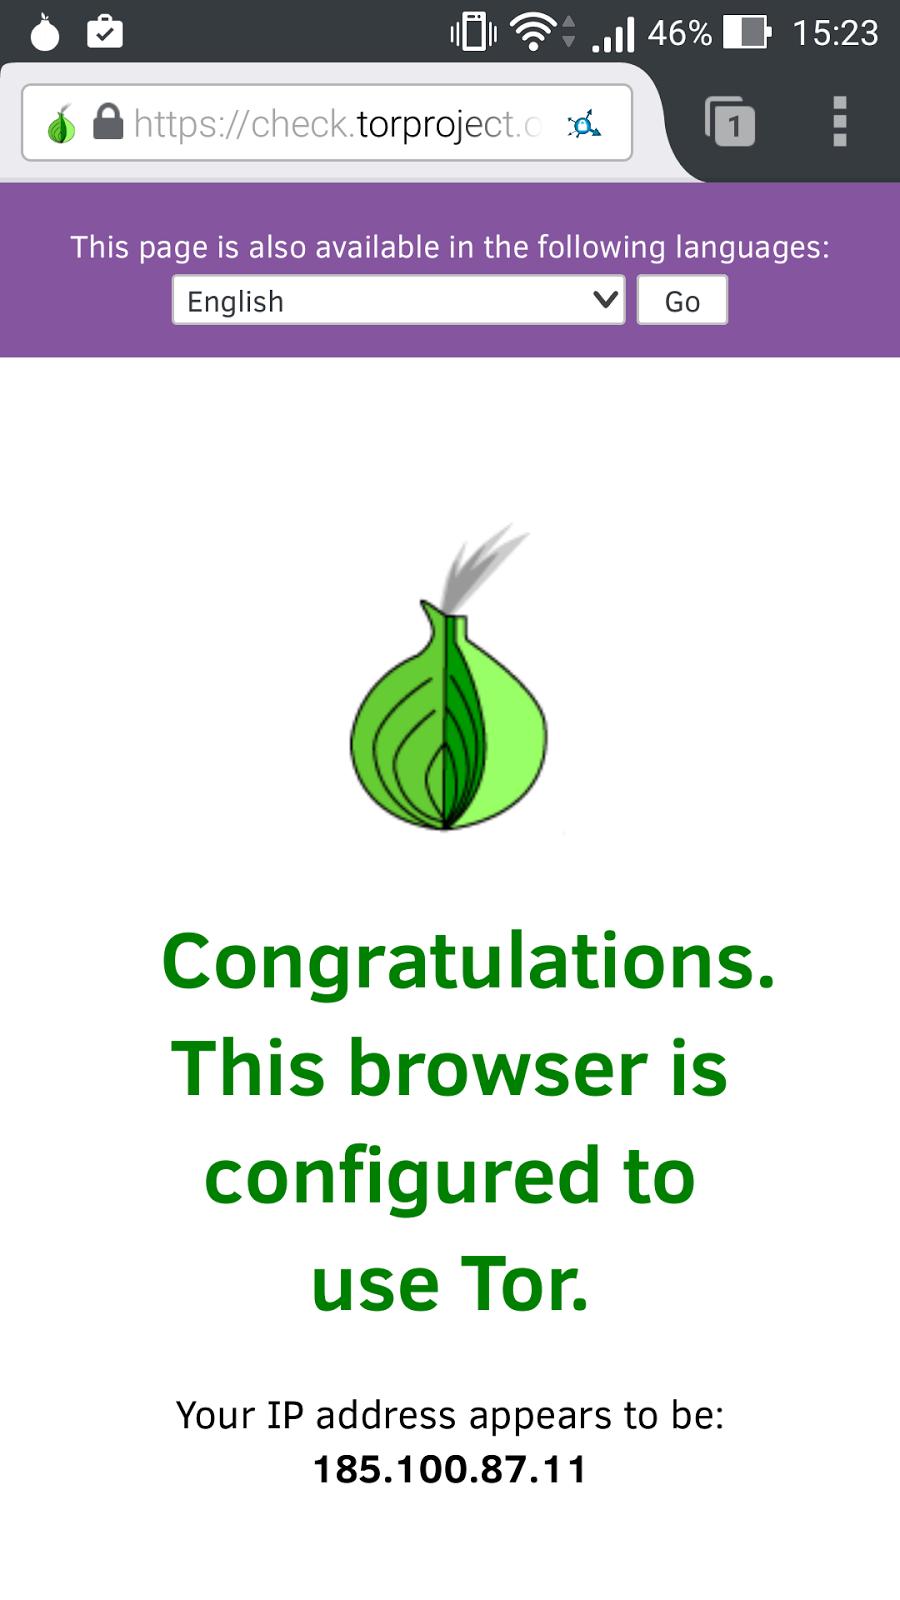 Navegador configurado para usar Tor